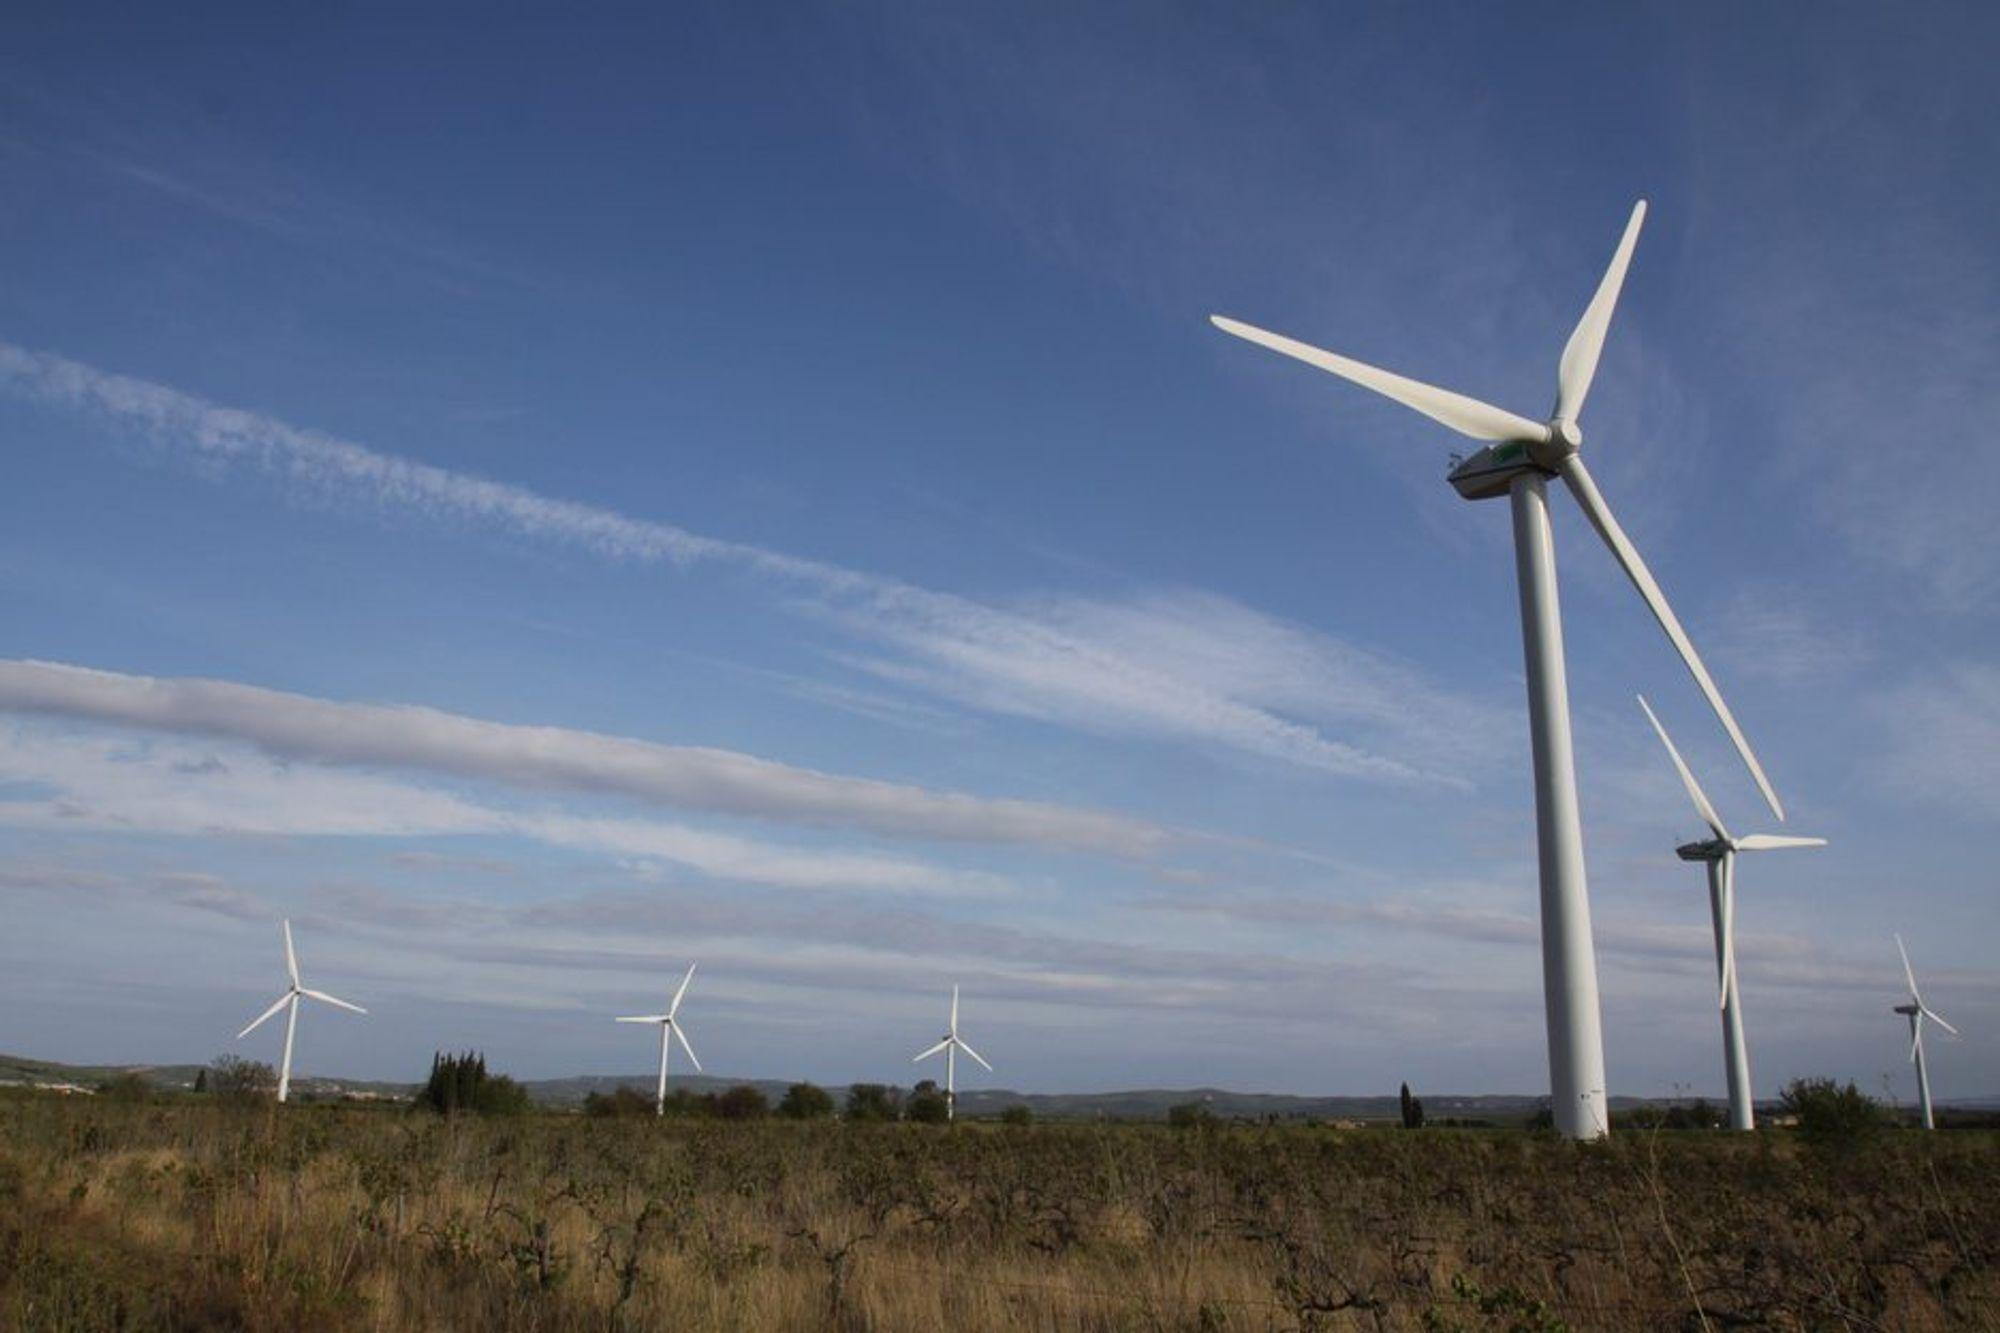 KAN REDUSERES: - Fugledøden ved vindkraftanlegg kan reduseres betydelig med riktig plassering av turbinene. Det krever kunnskap, sier seniorforsker Kjetil Bevanger ved NINA.